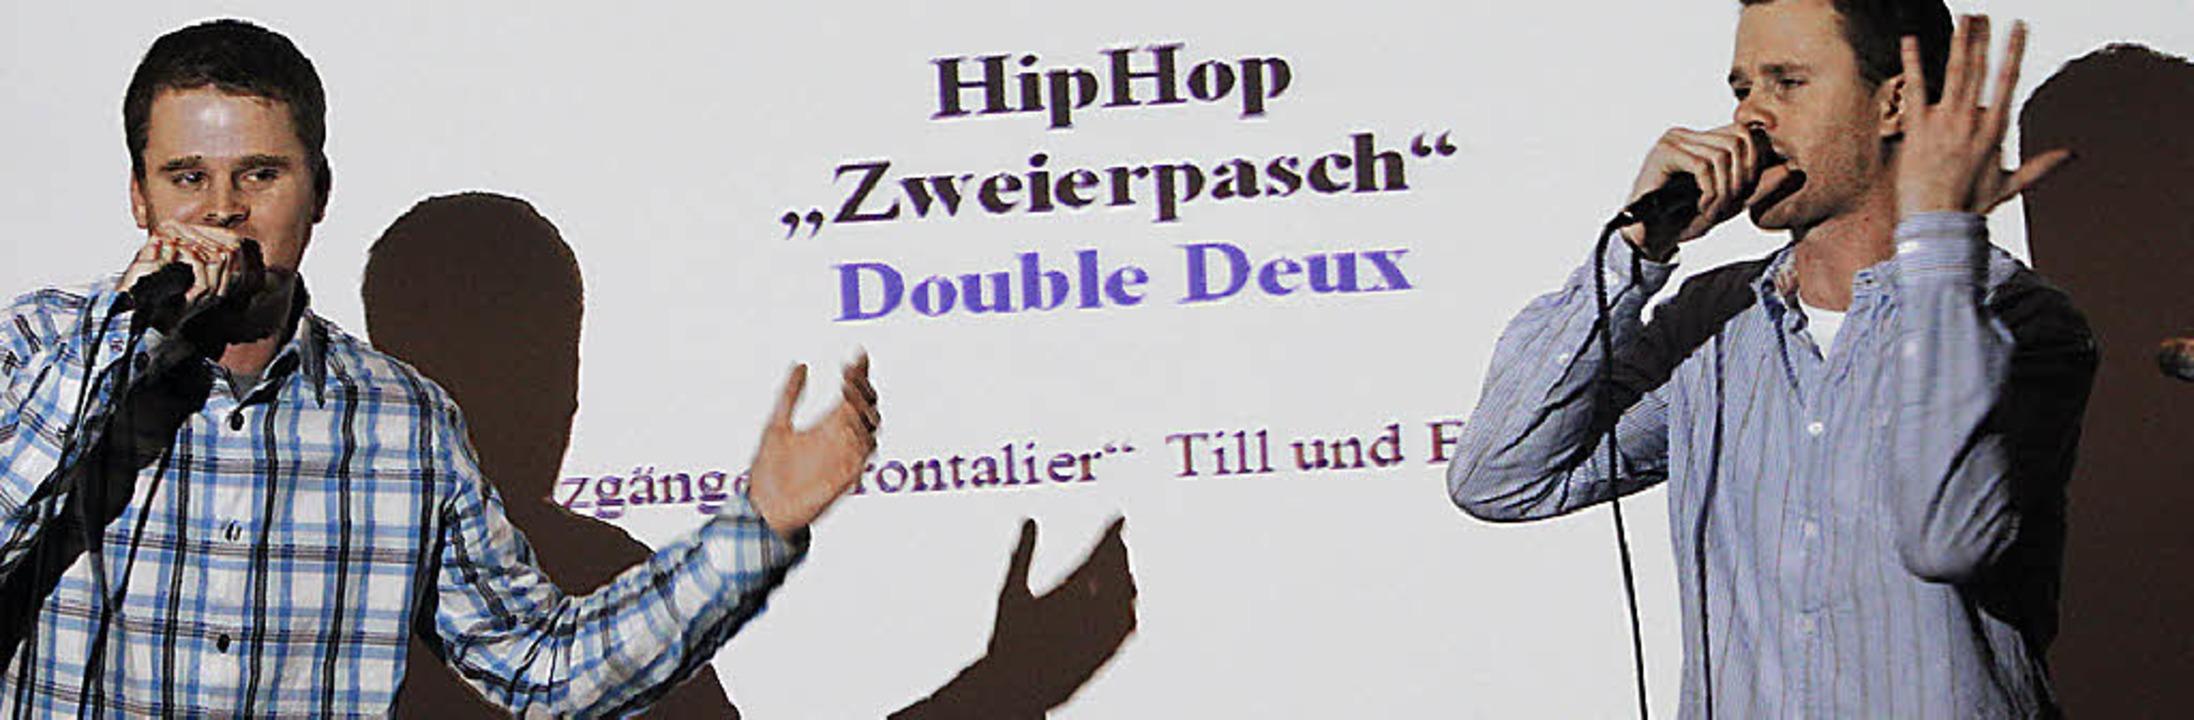 Rap-Duo Zweierpasch  | Foto: Patrik Müller